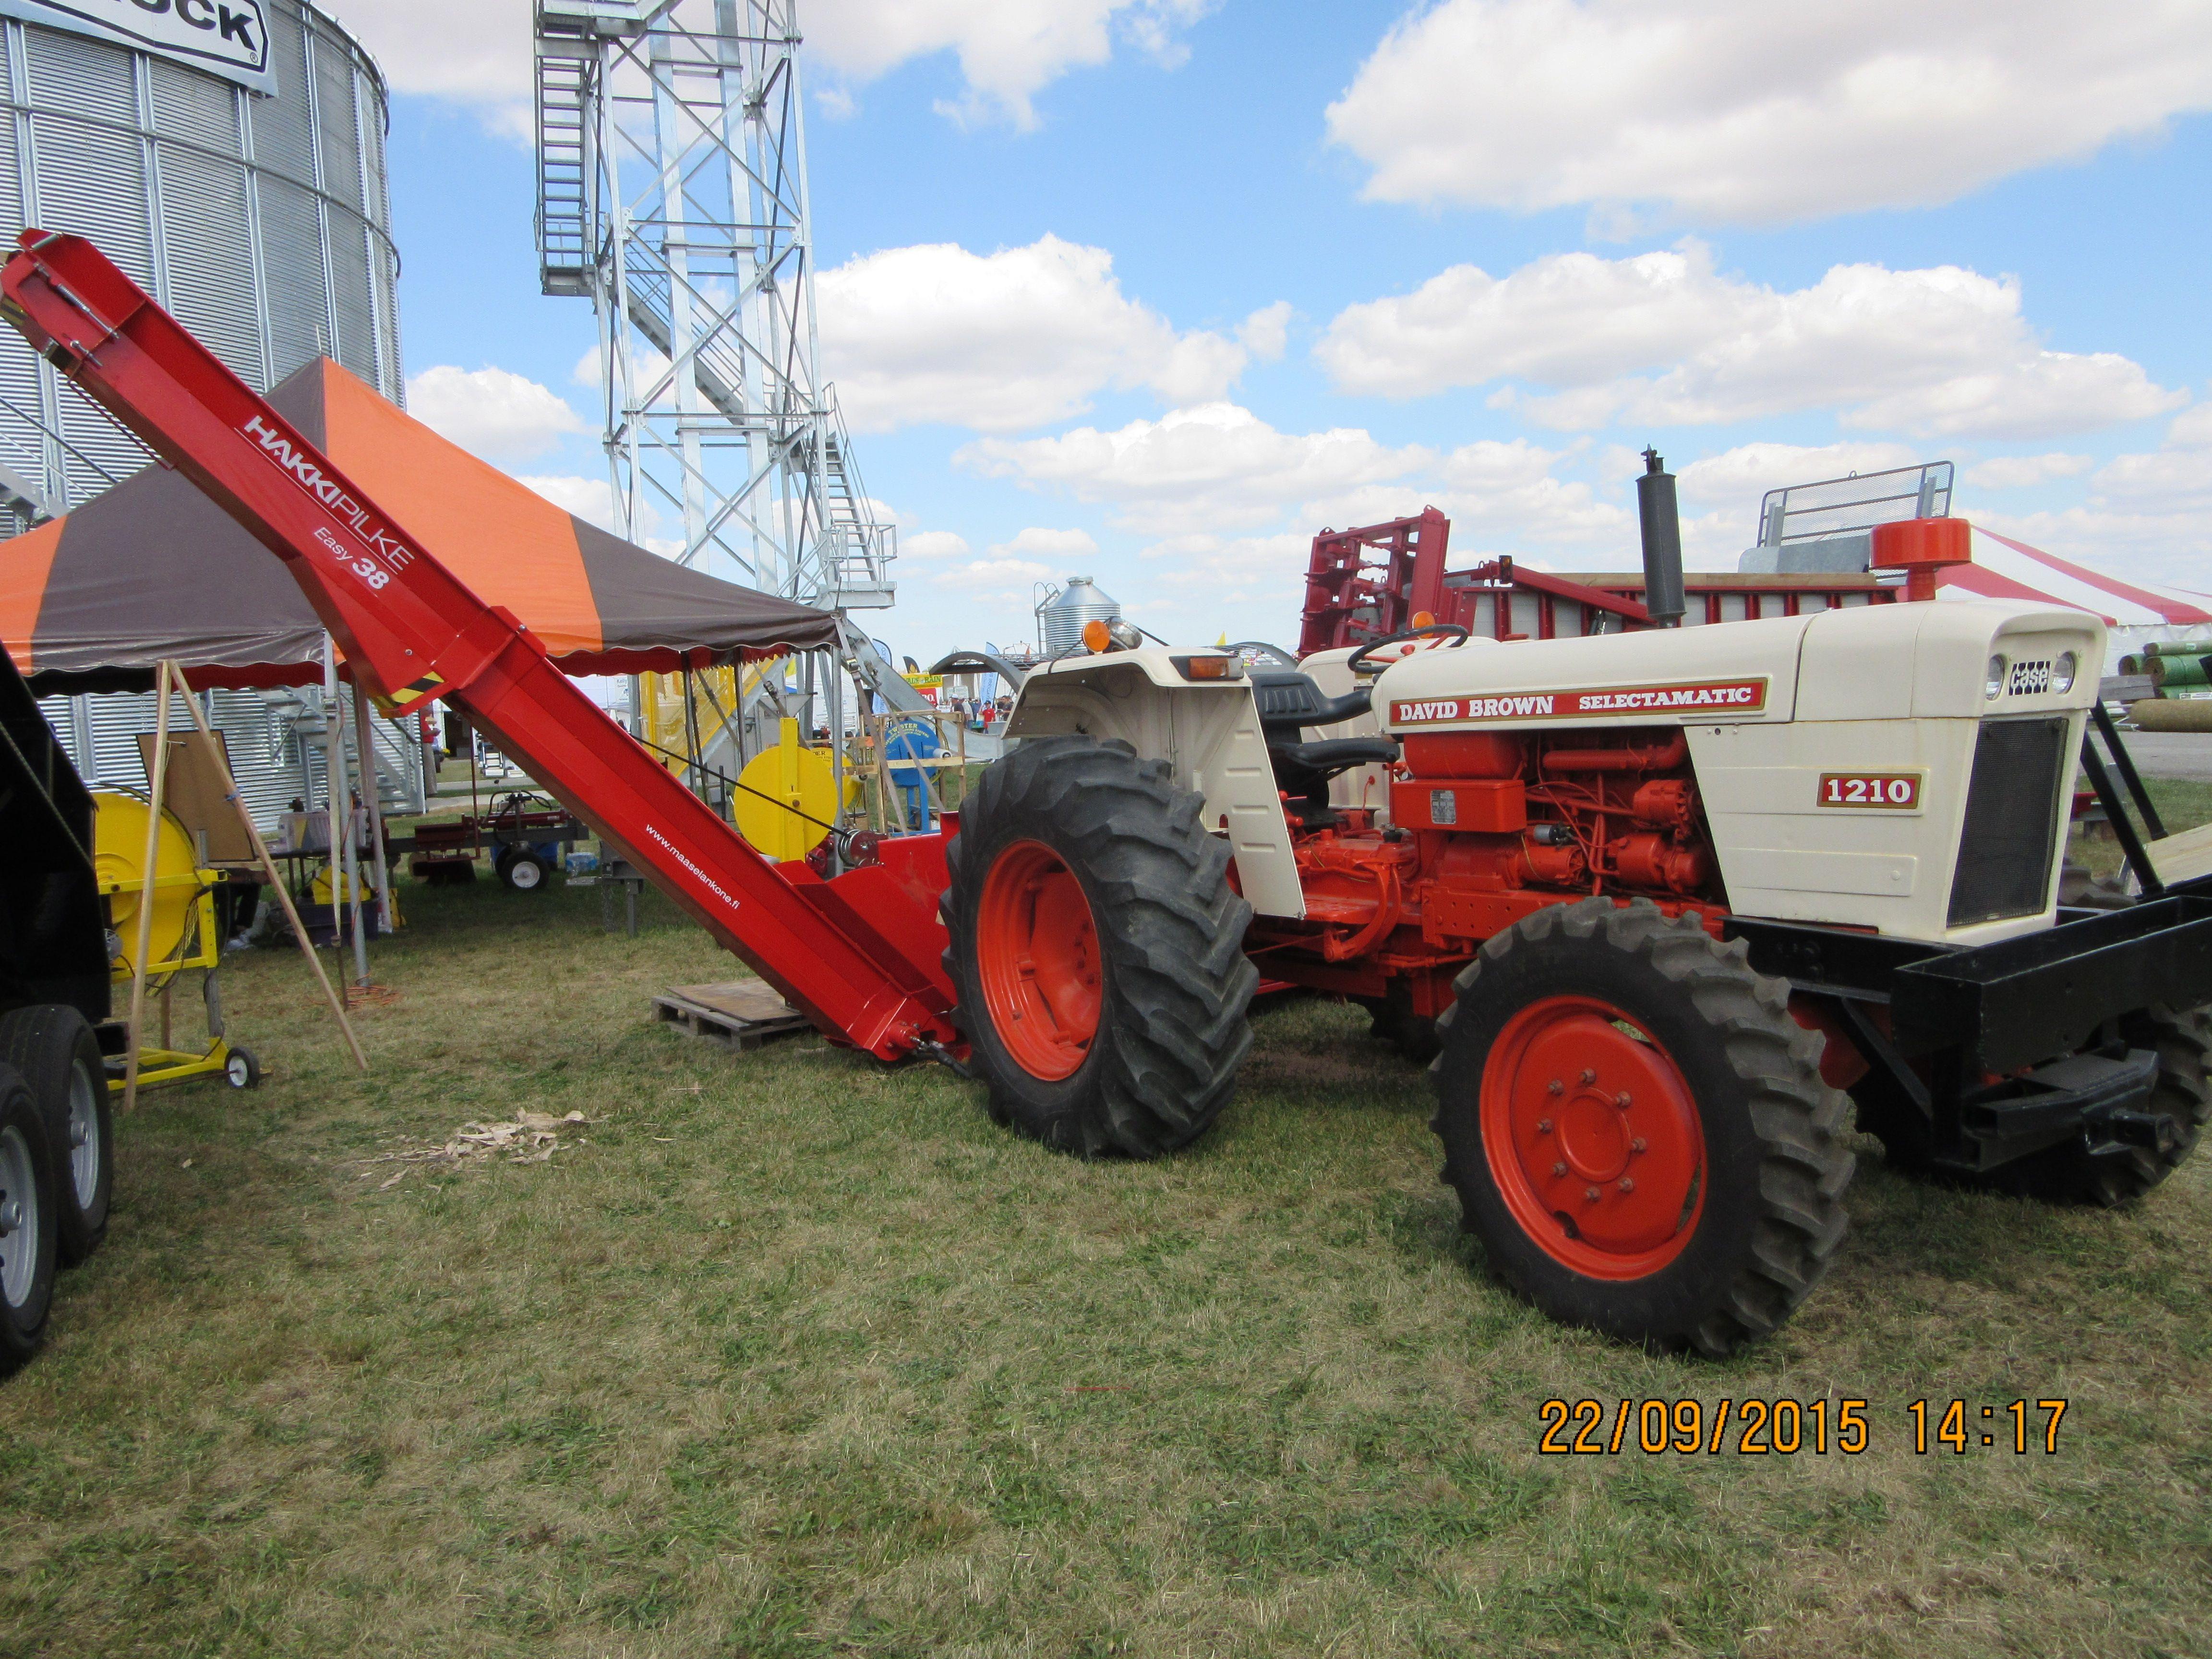 Case 1210 Tractor Parts : David brown selectamatic powering hakkipilke easy